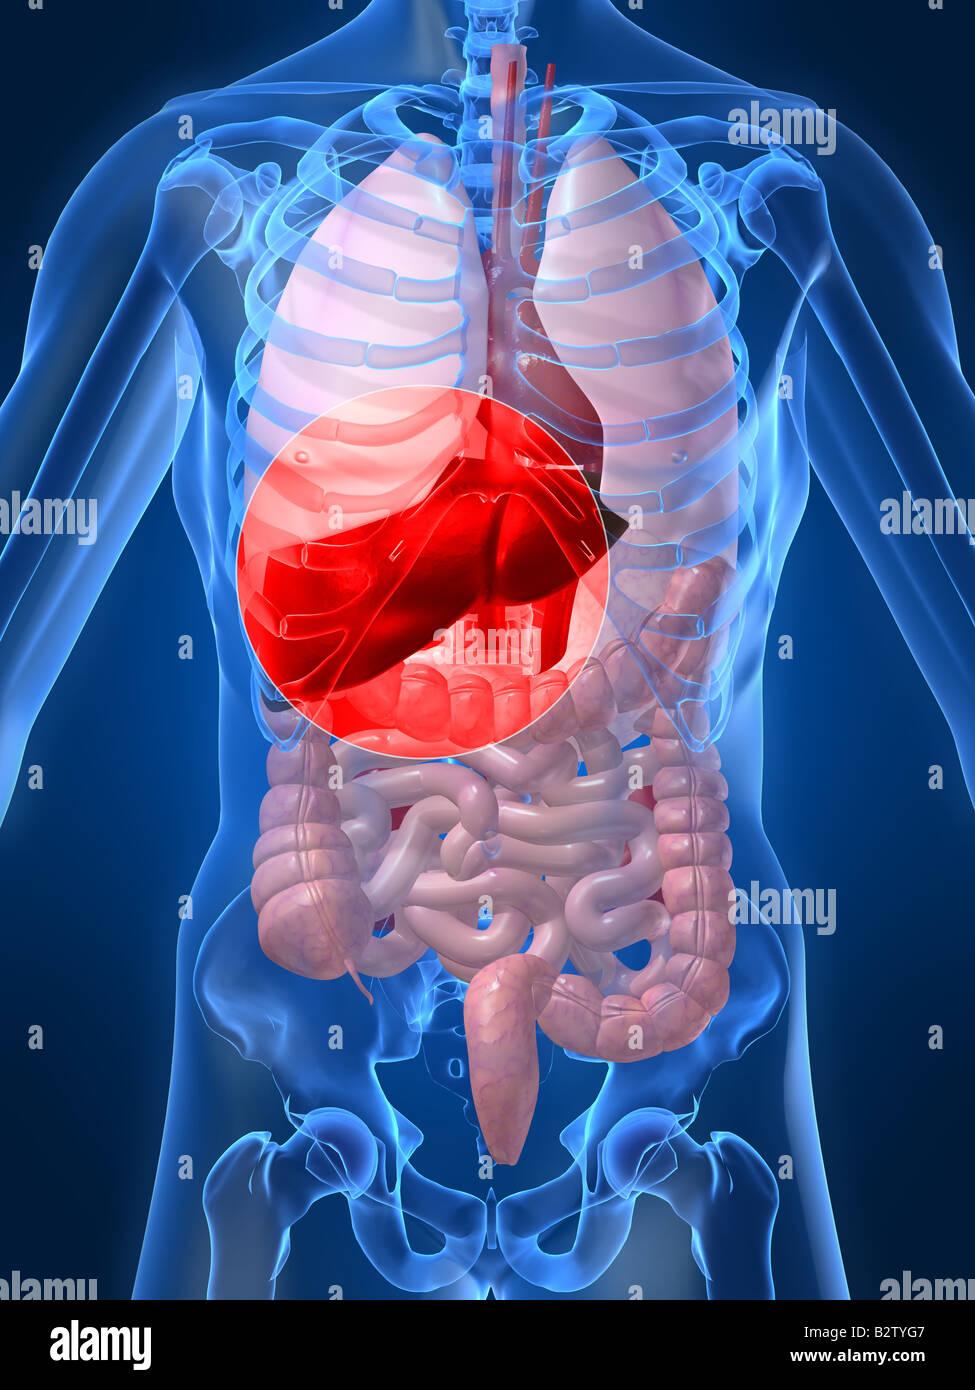 human liver - Stock Image